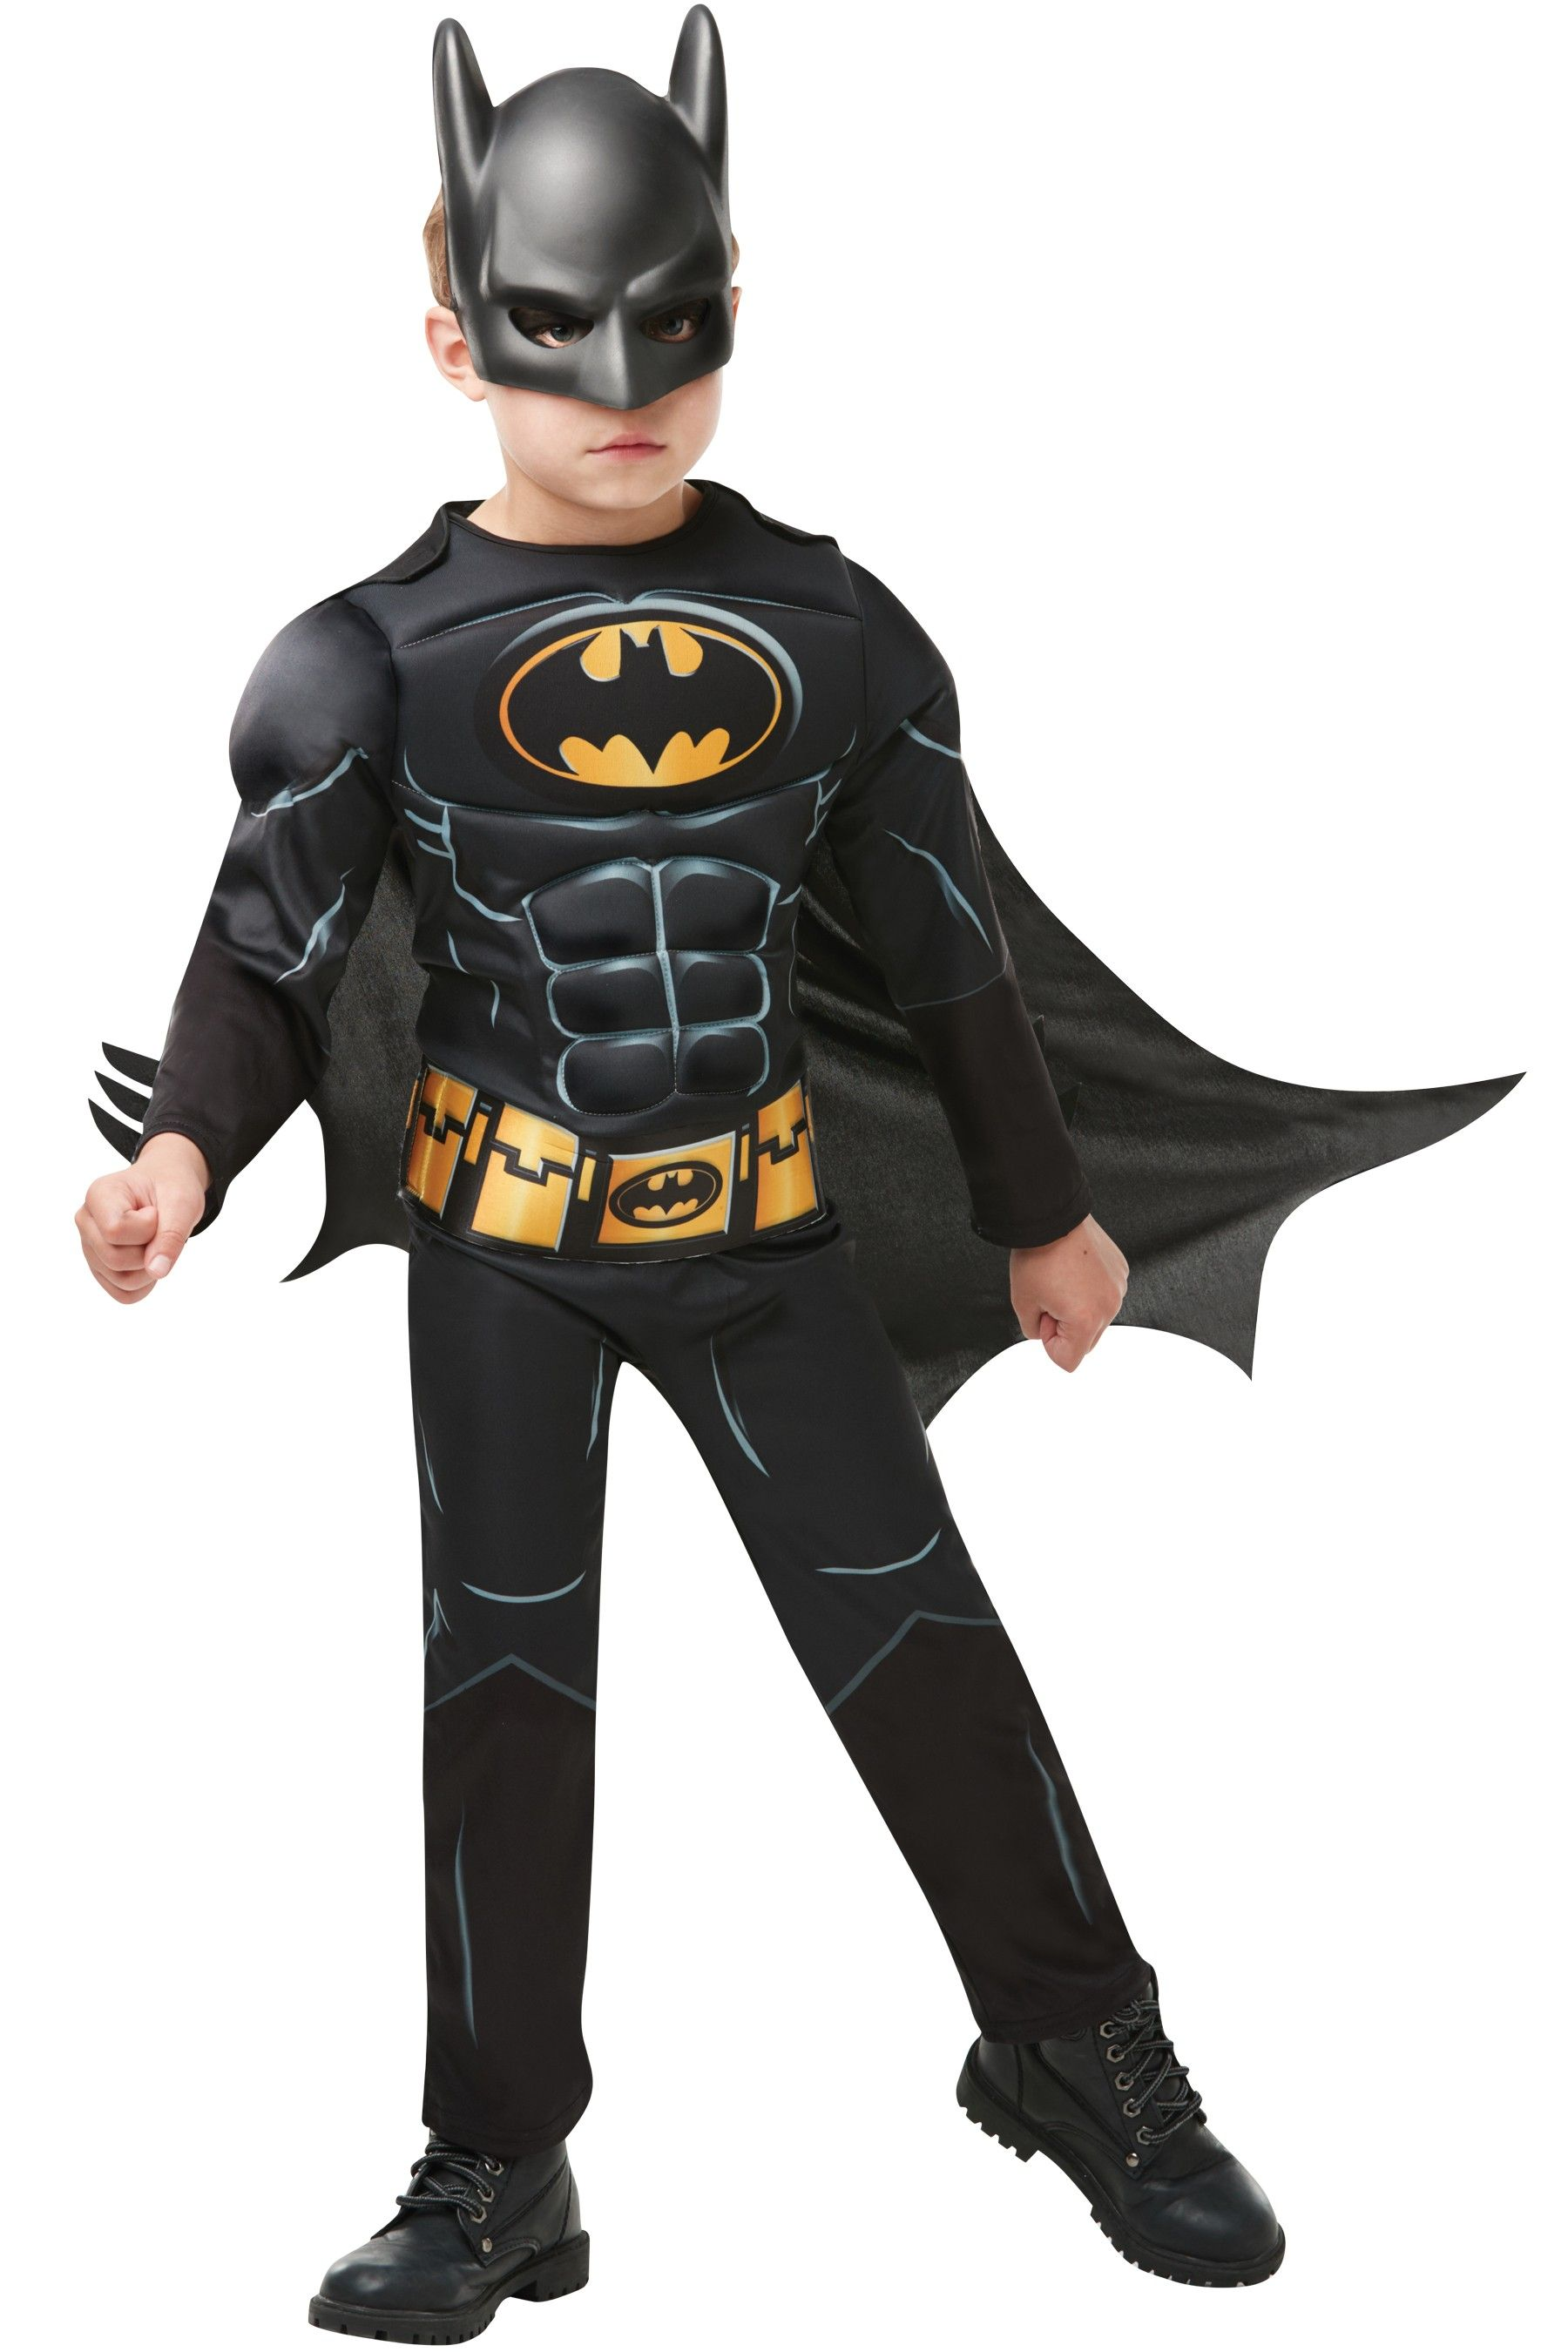 Batman Enfant Taille Unique Rubies Costume Co Masque Bane